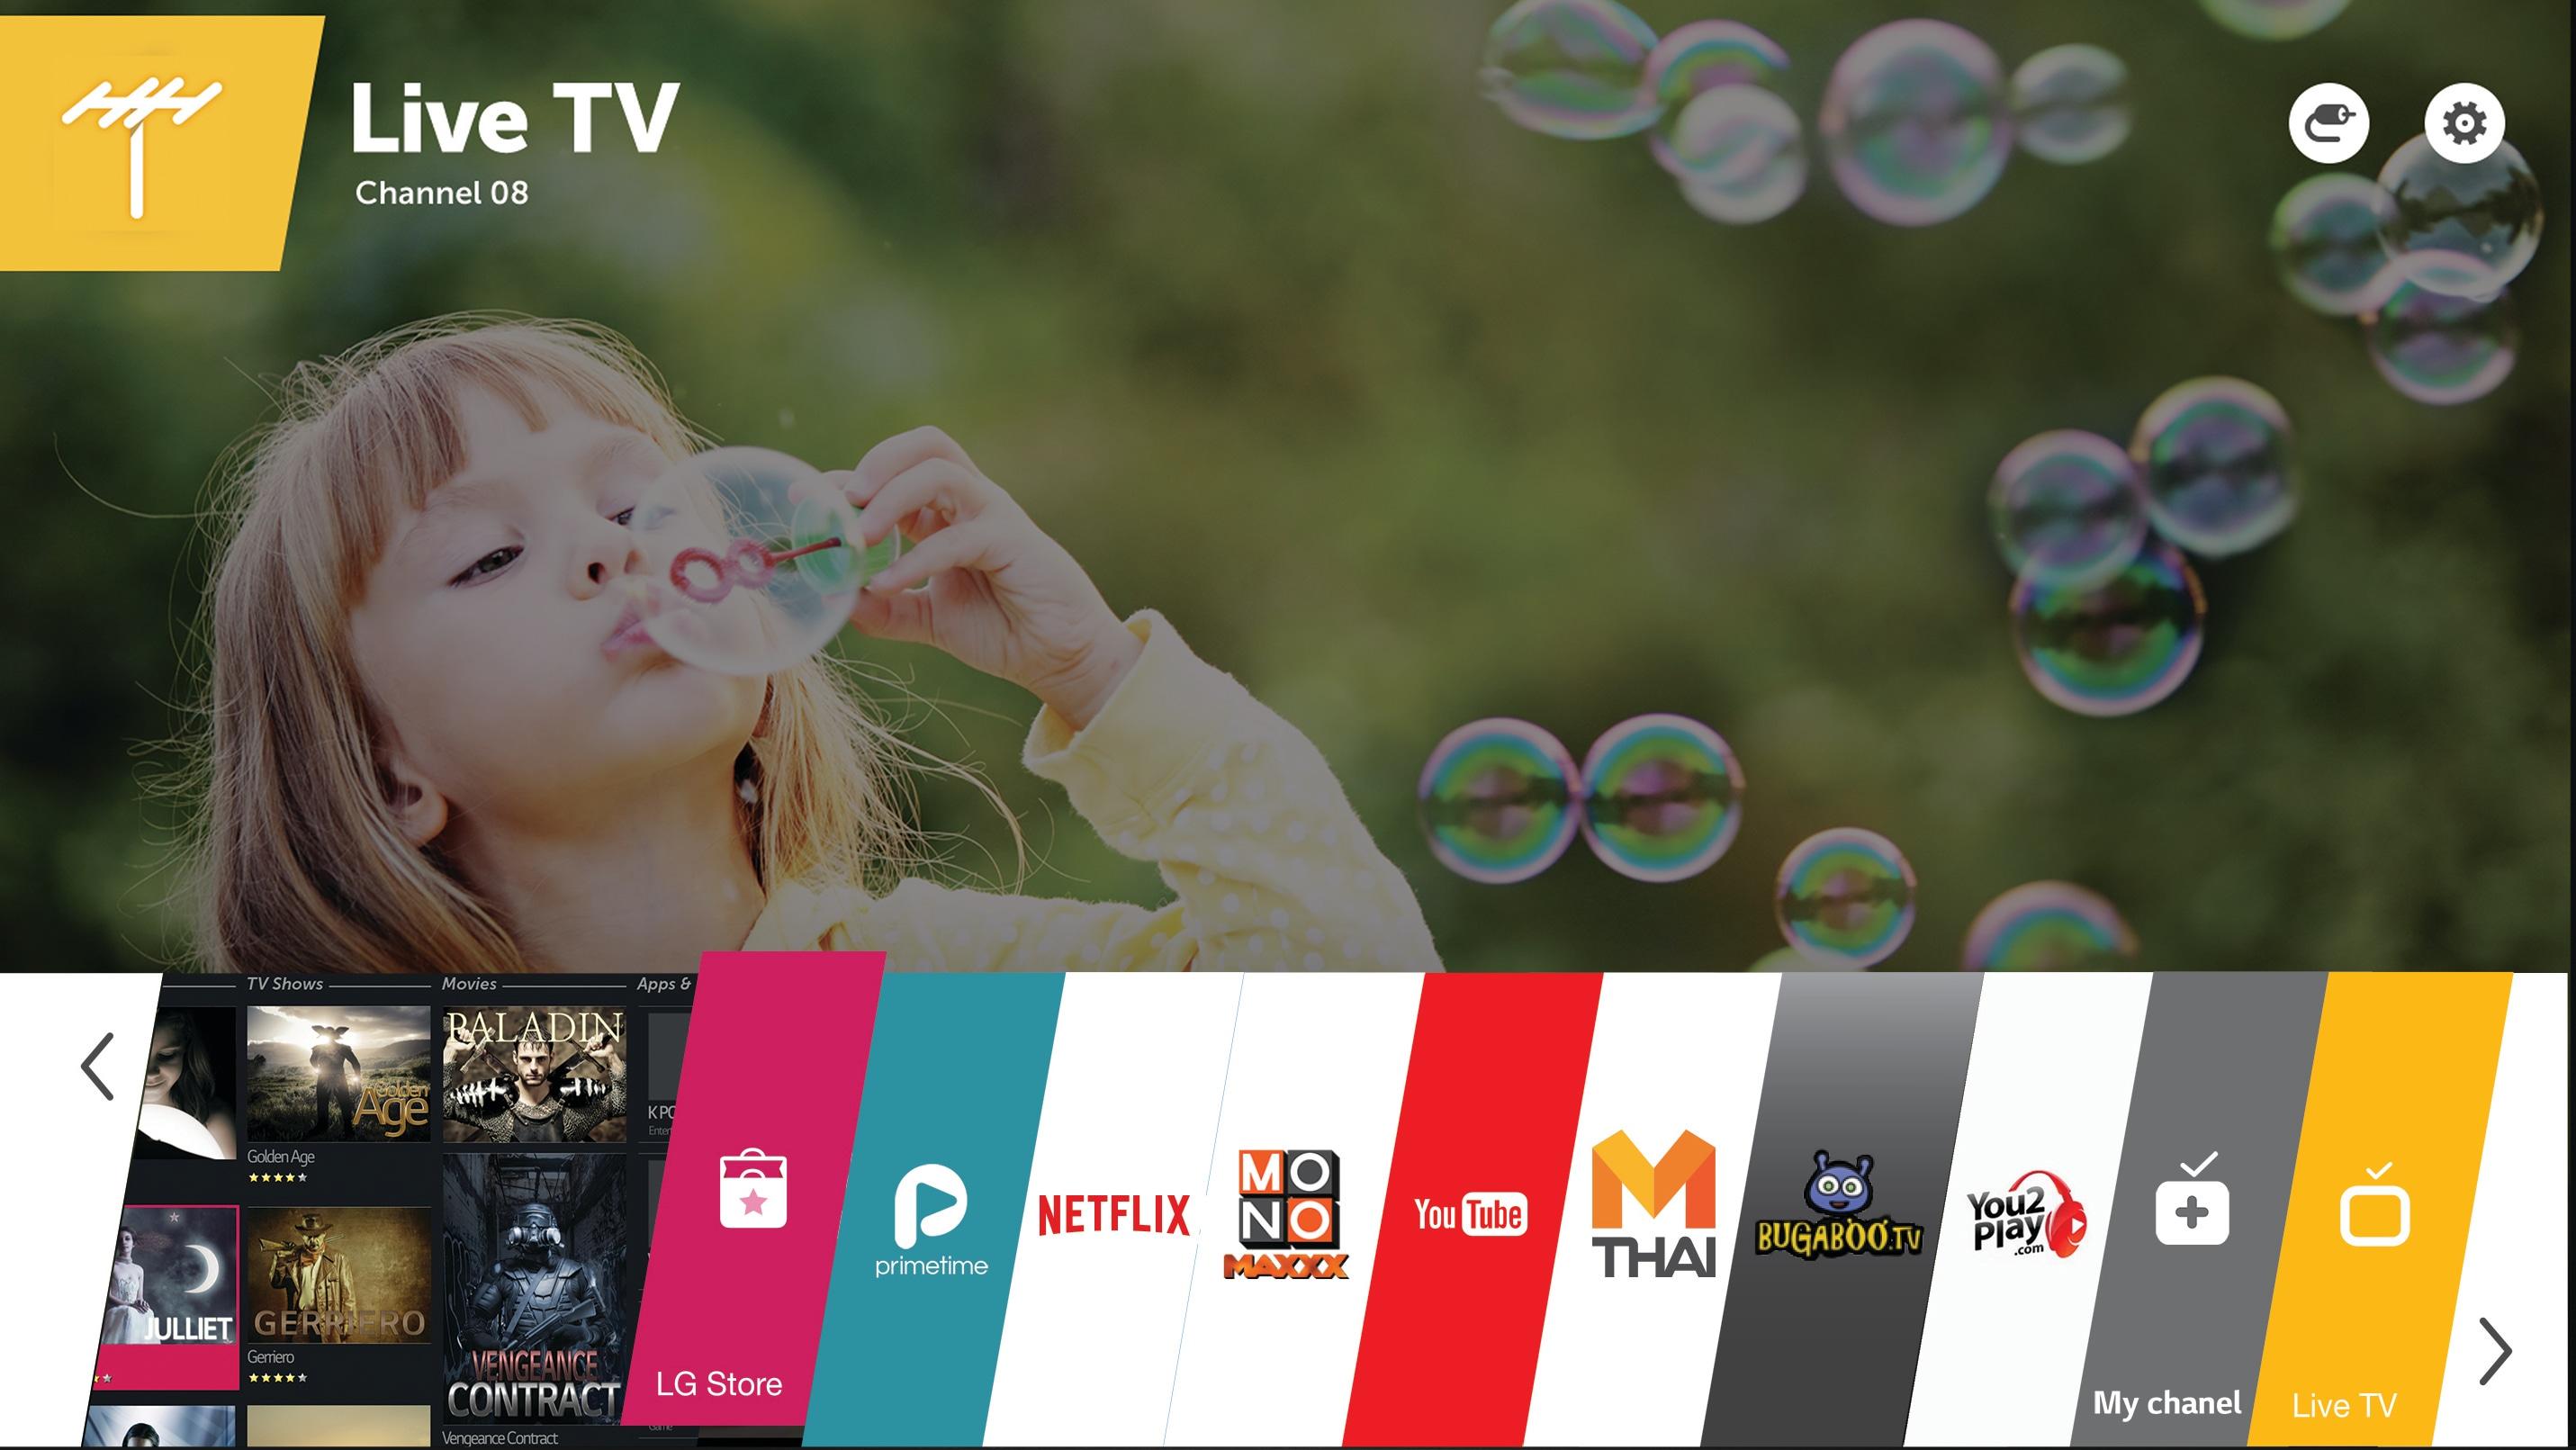 สมาร์ททีวีระบบปฏิบัติการ webOS3.0